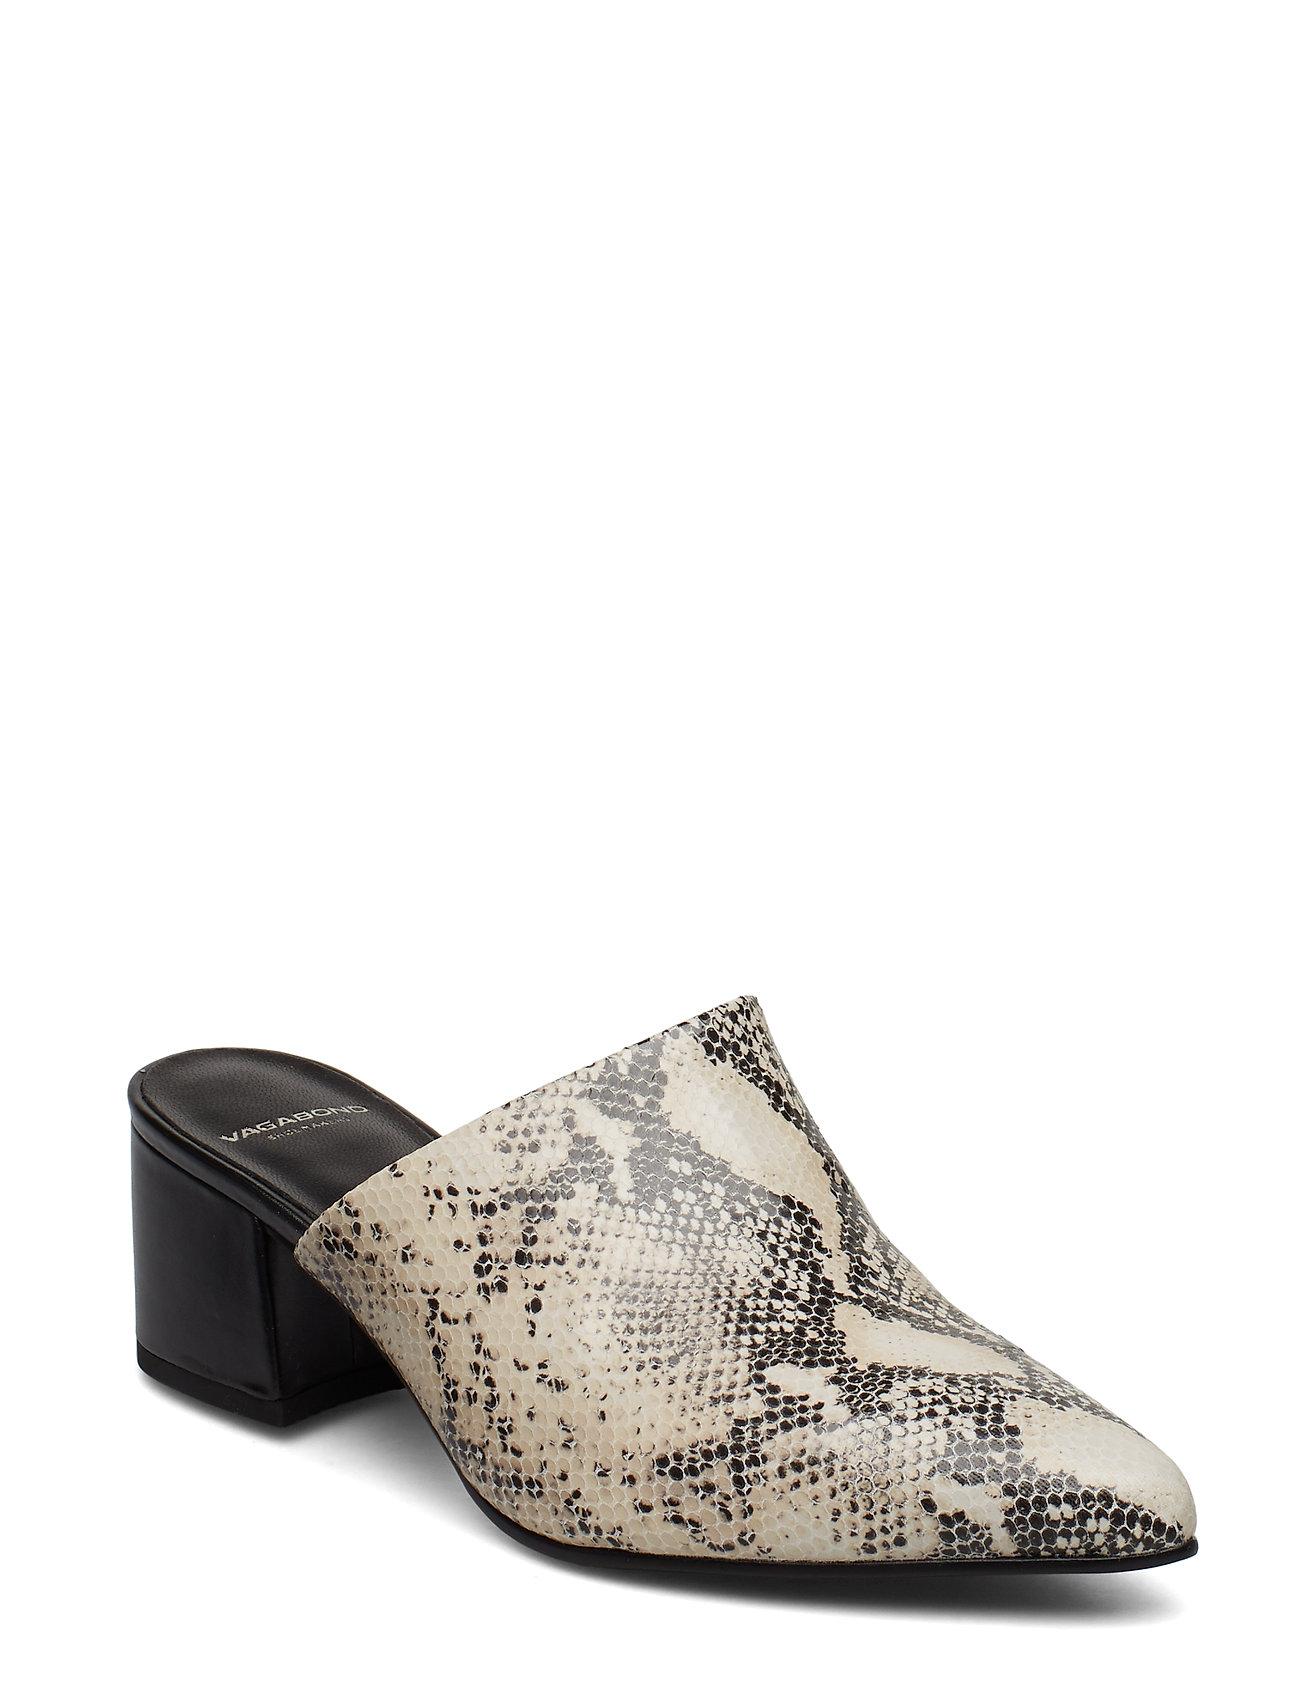 8ed864a3b0f8 Mya højhælede sandaler fra VAGABOND til dame i SAND BLACK - Pashion.dk